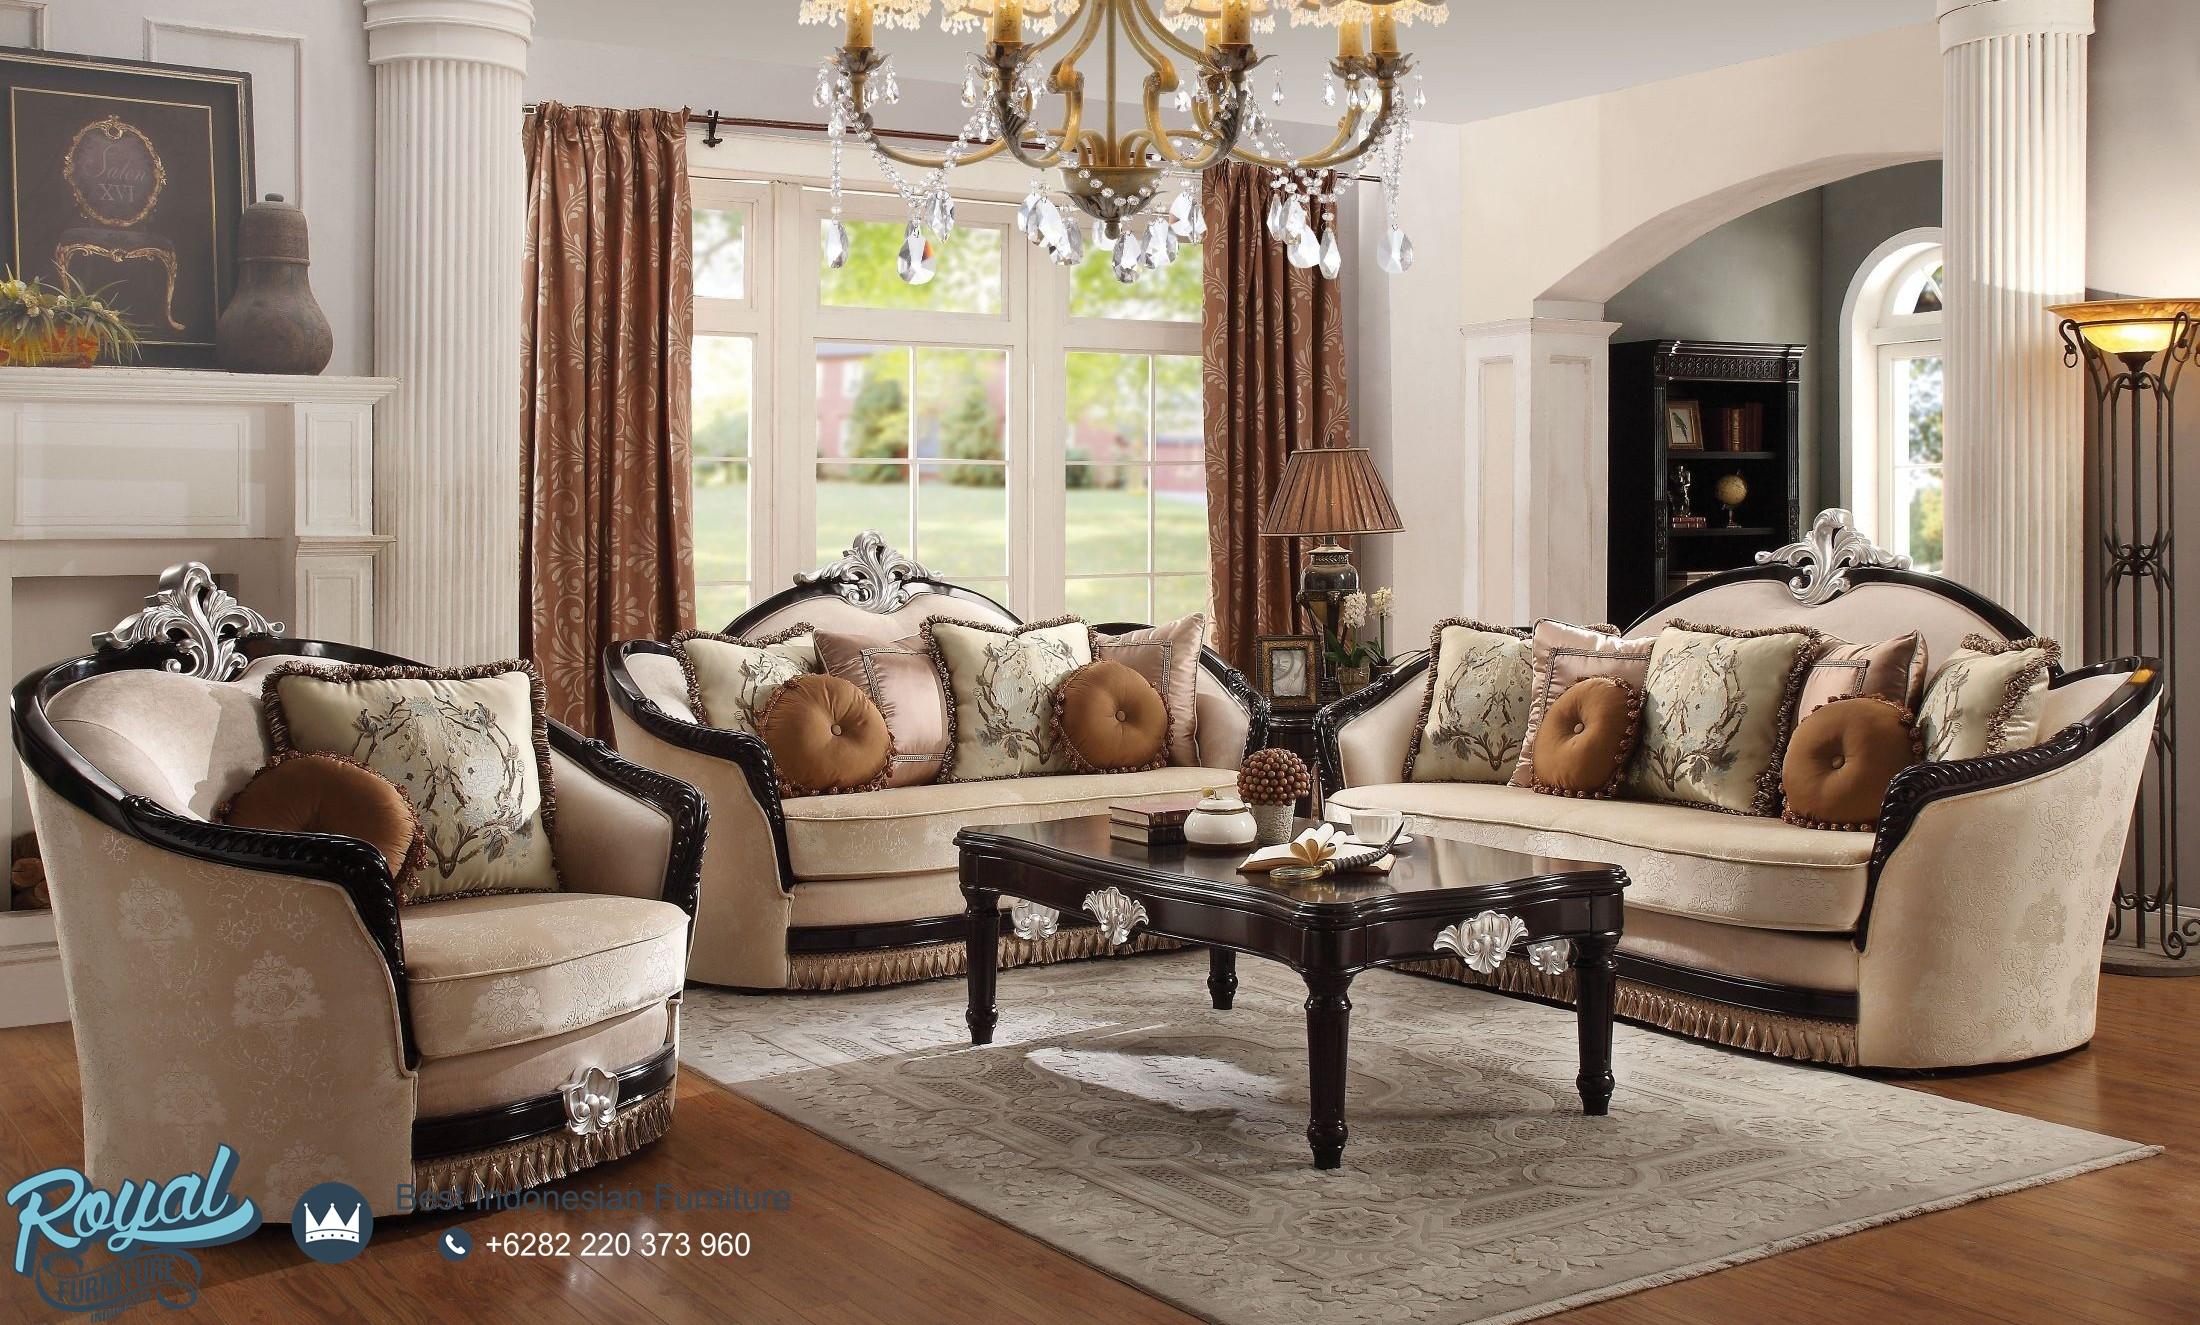 Desain Sofa Tamu Jati Ukiran Jepara Klasik Mewah Terbaru Acme Antique, kursi tamu mewah jepara, sofa mewah kayu jati, harga kursi jepara mewah, harga sofa tamu jepara murah, kursi ukir jati jepara, kursi tamu mewah jati terbaru, sofa mewah minimalis, sofa ruang tamu mewah modern, sofa mewah terbaru, desain sofa tamu mewah klasik, sofa tamu mewah modern, sofa tamu jepara terbaru elegan, sofa mewah minimalis terbaru,kursi tamu mewah kualitas terbaik, sofa mewah klasik kulit, kursi tamu mewah, set sofa tamu mewah klasik, set sofa tamu mewah, set sofa kursi tamu mewah, set sofa tamu mewah terbaru, sofa tamu jepara terbaru 2020, model sofa tamu ukiran jati jepara,mebel jepara, furniture jepara, toko furniture jepara, furniture jepara store, royal furniture jepara